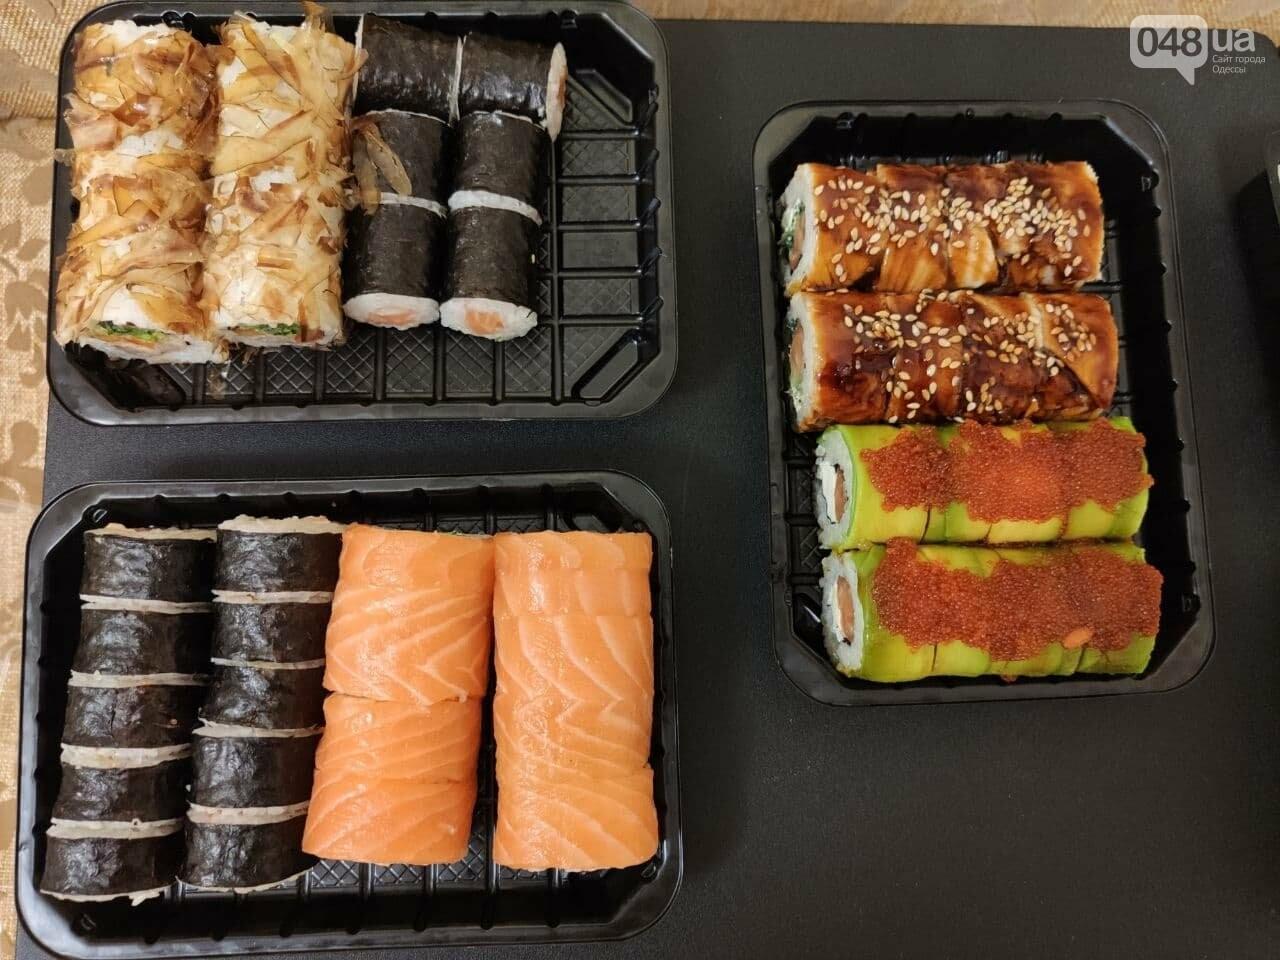 Тестируем доставку килограммового набора роллов из популярной сети суши-баров в Одессе, - ФОТО, фото-4